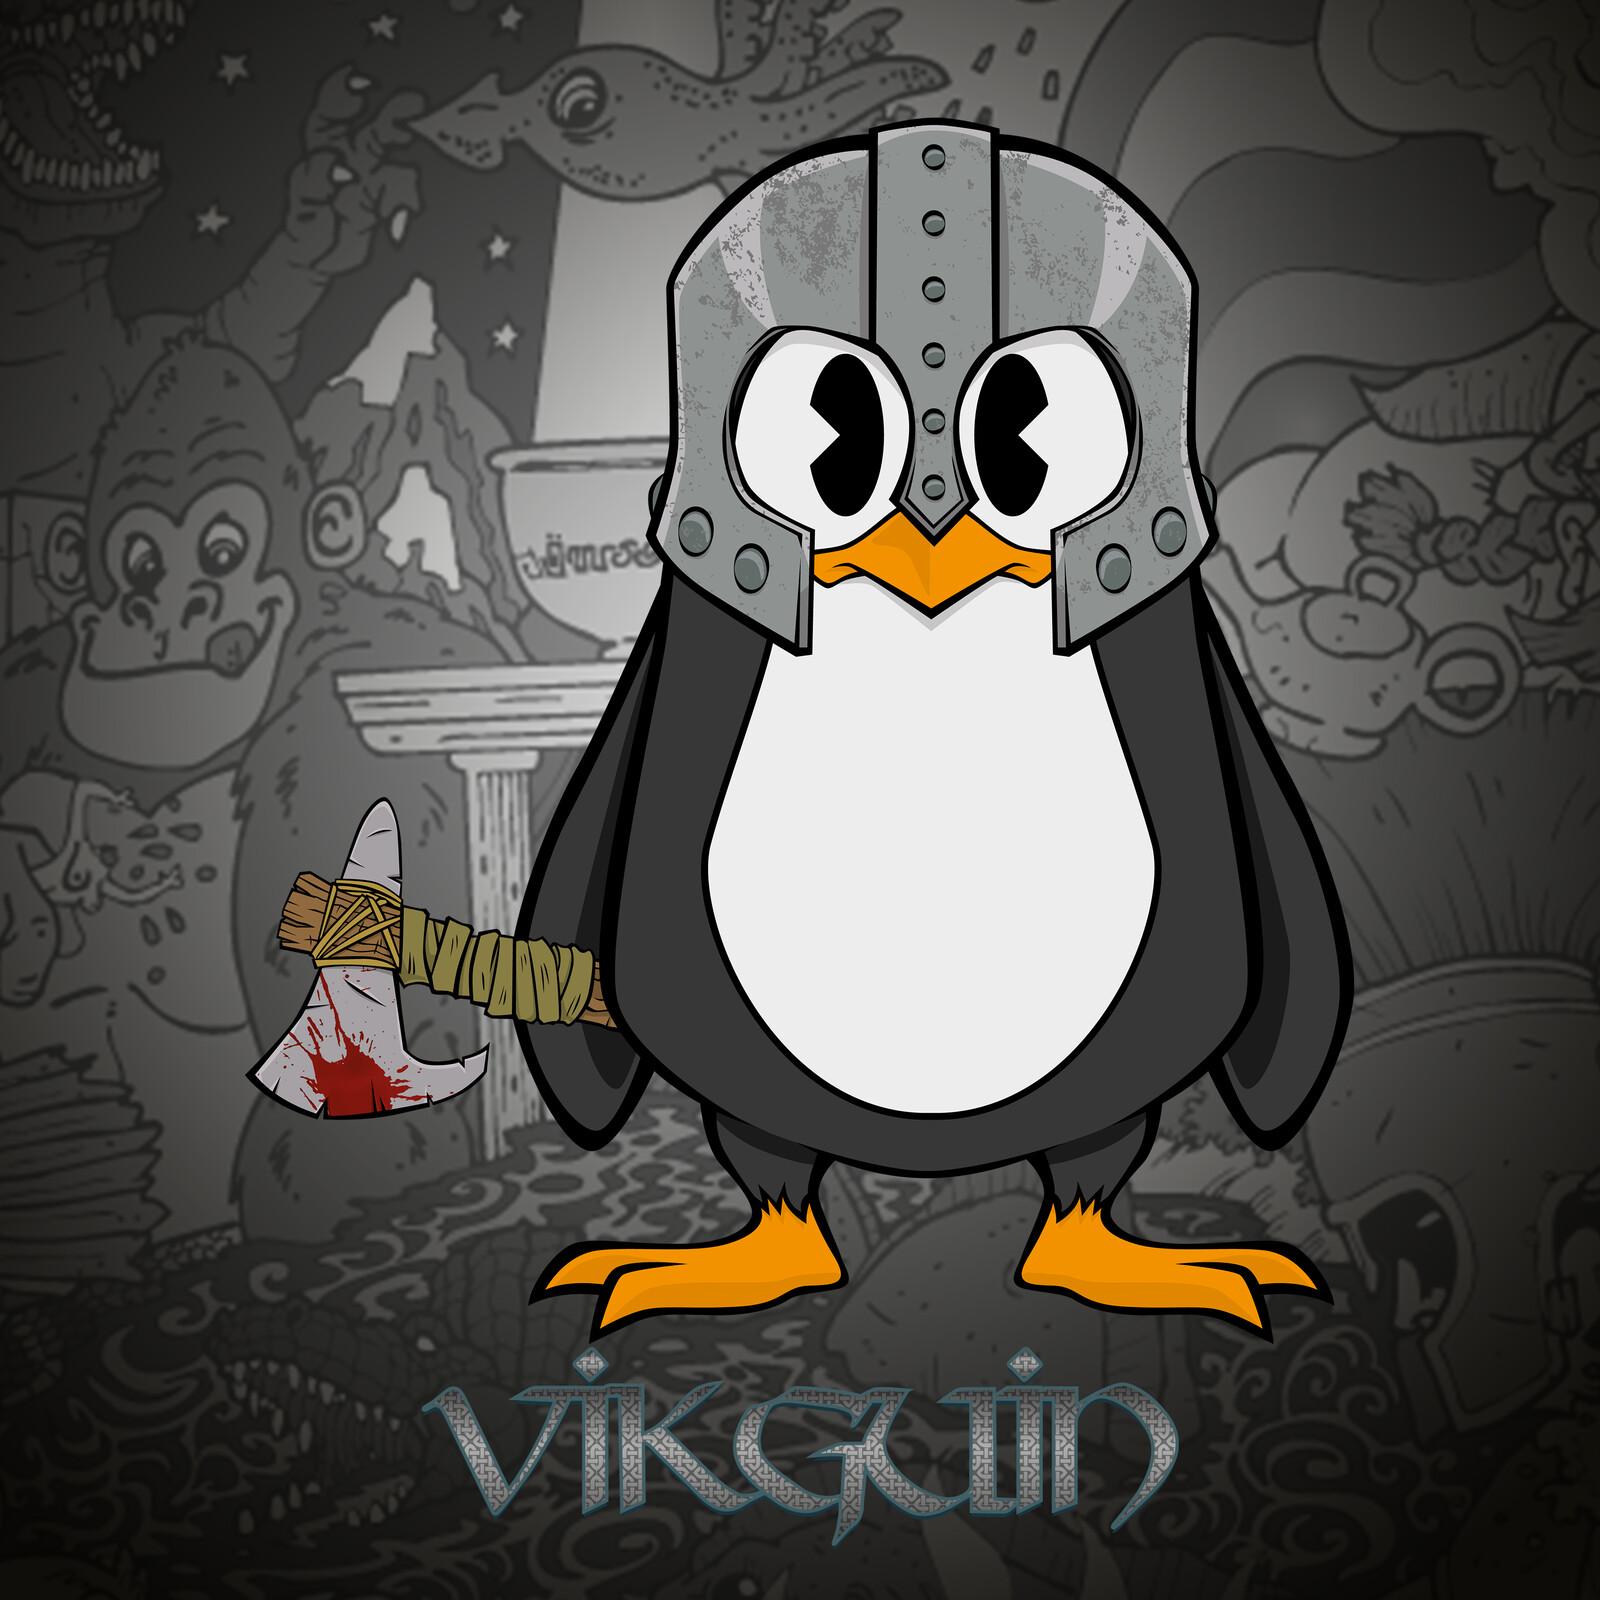 Vikguin - Vikings TV